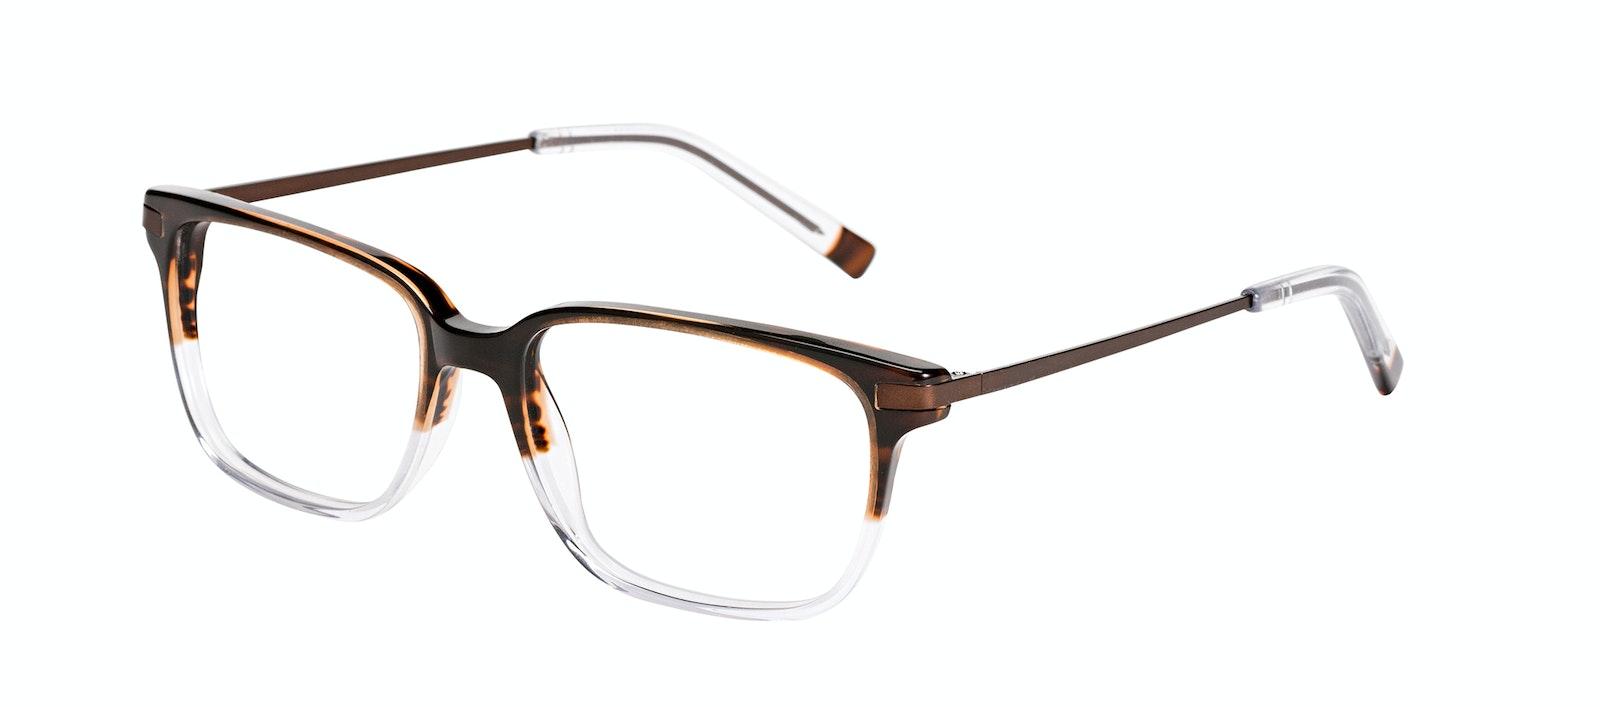 Affordable Fashion Glasses Rectangle Eyeglasses Men Trade Mud Clear Tilt